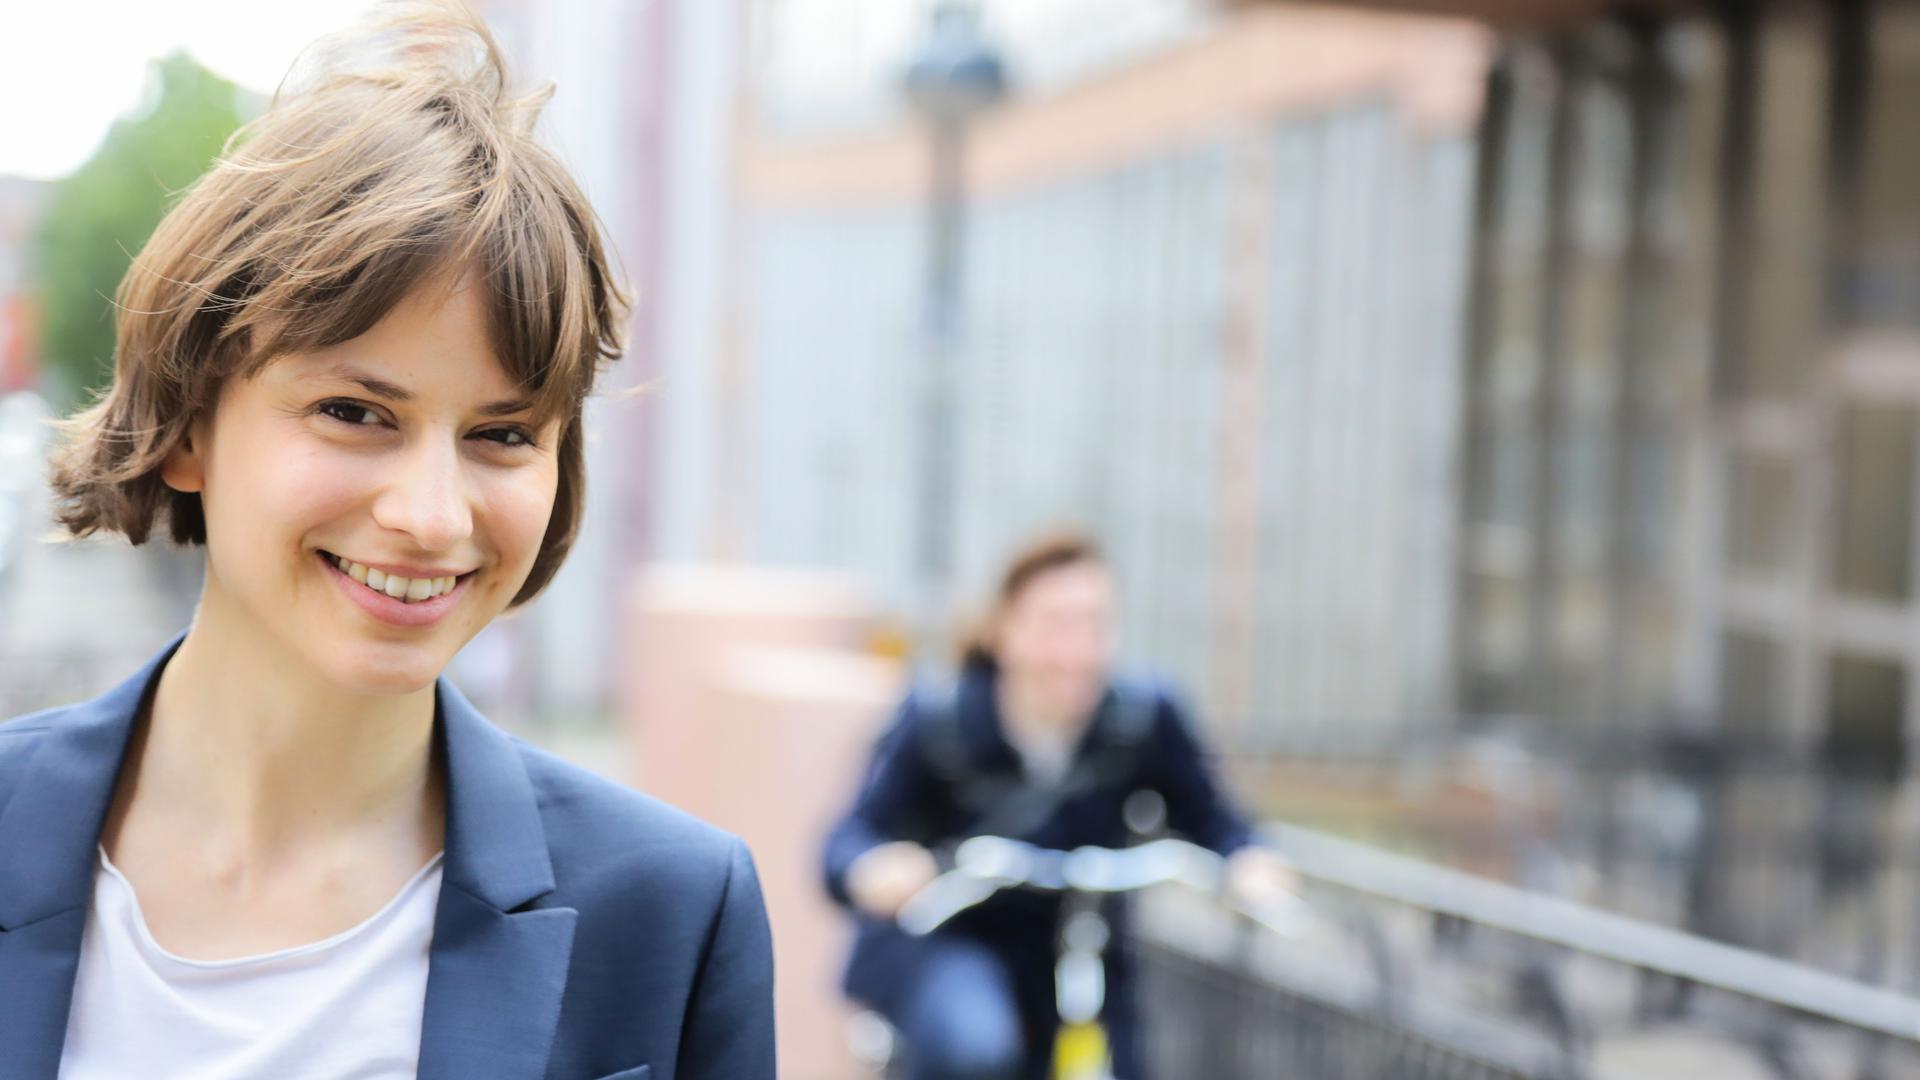 Nora Szech ist Inhaberin des Lehrstuhls für Politische Ökonomie am Karlsruher Institut für Technologie (KIT).